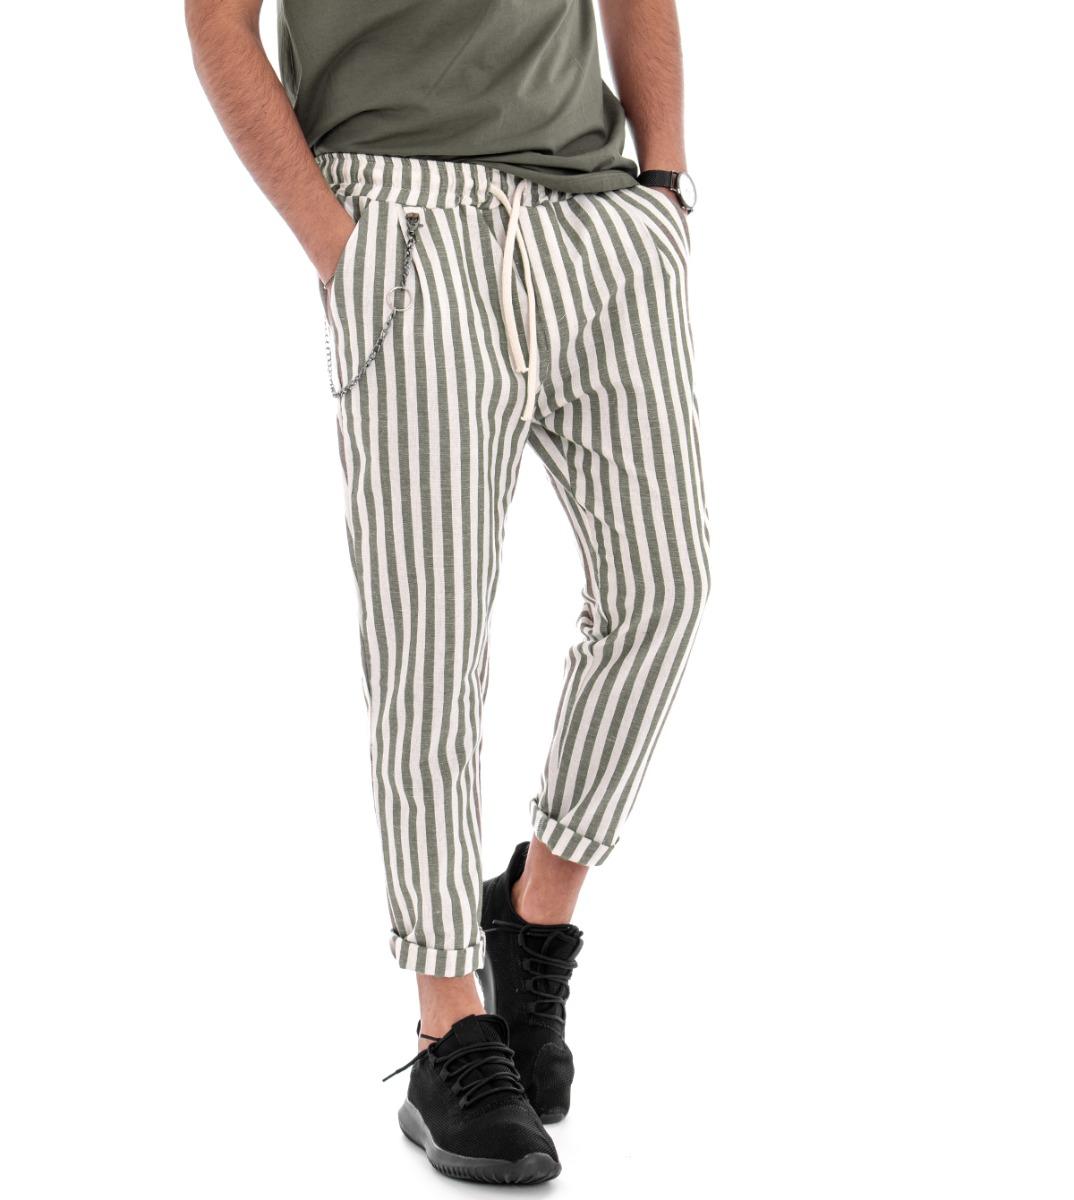 Pantalones Lino Hombre De Rayas Elastico Tiro Caido Verde Chandal Casual Giosal Ebay